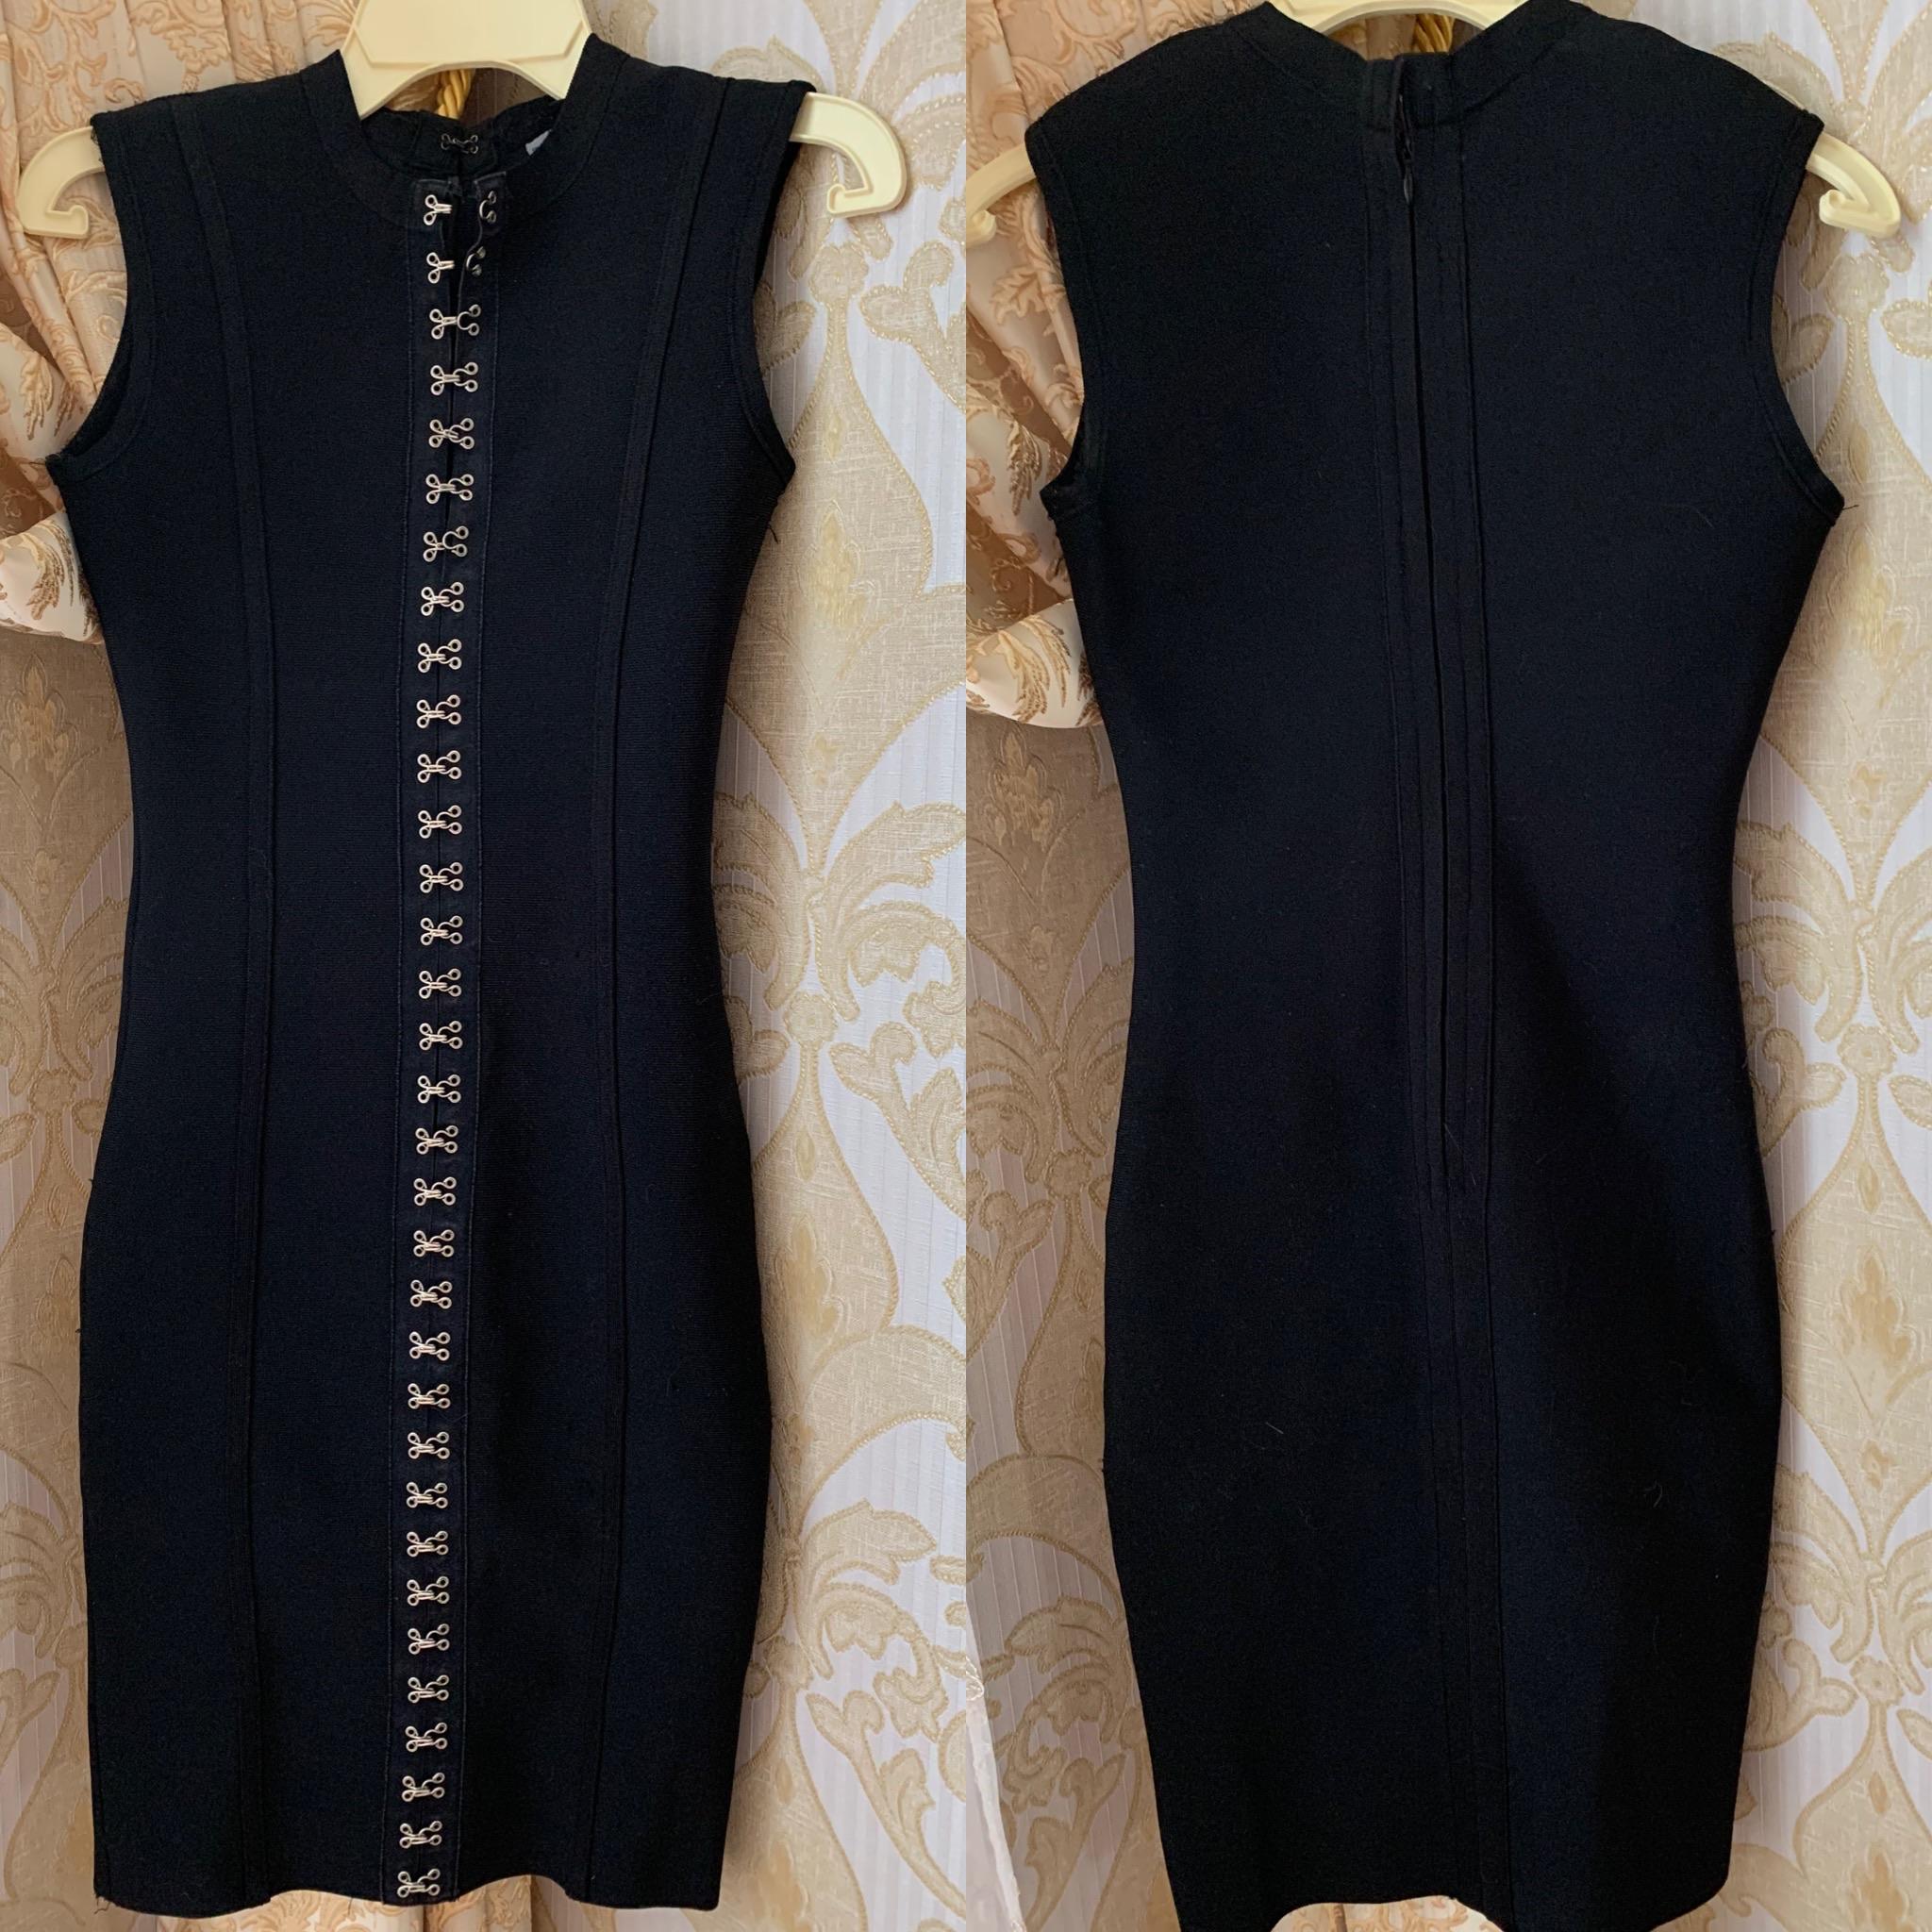 Купить платье бандажное В отличном   Объявления Орска и Новотроицка №2998